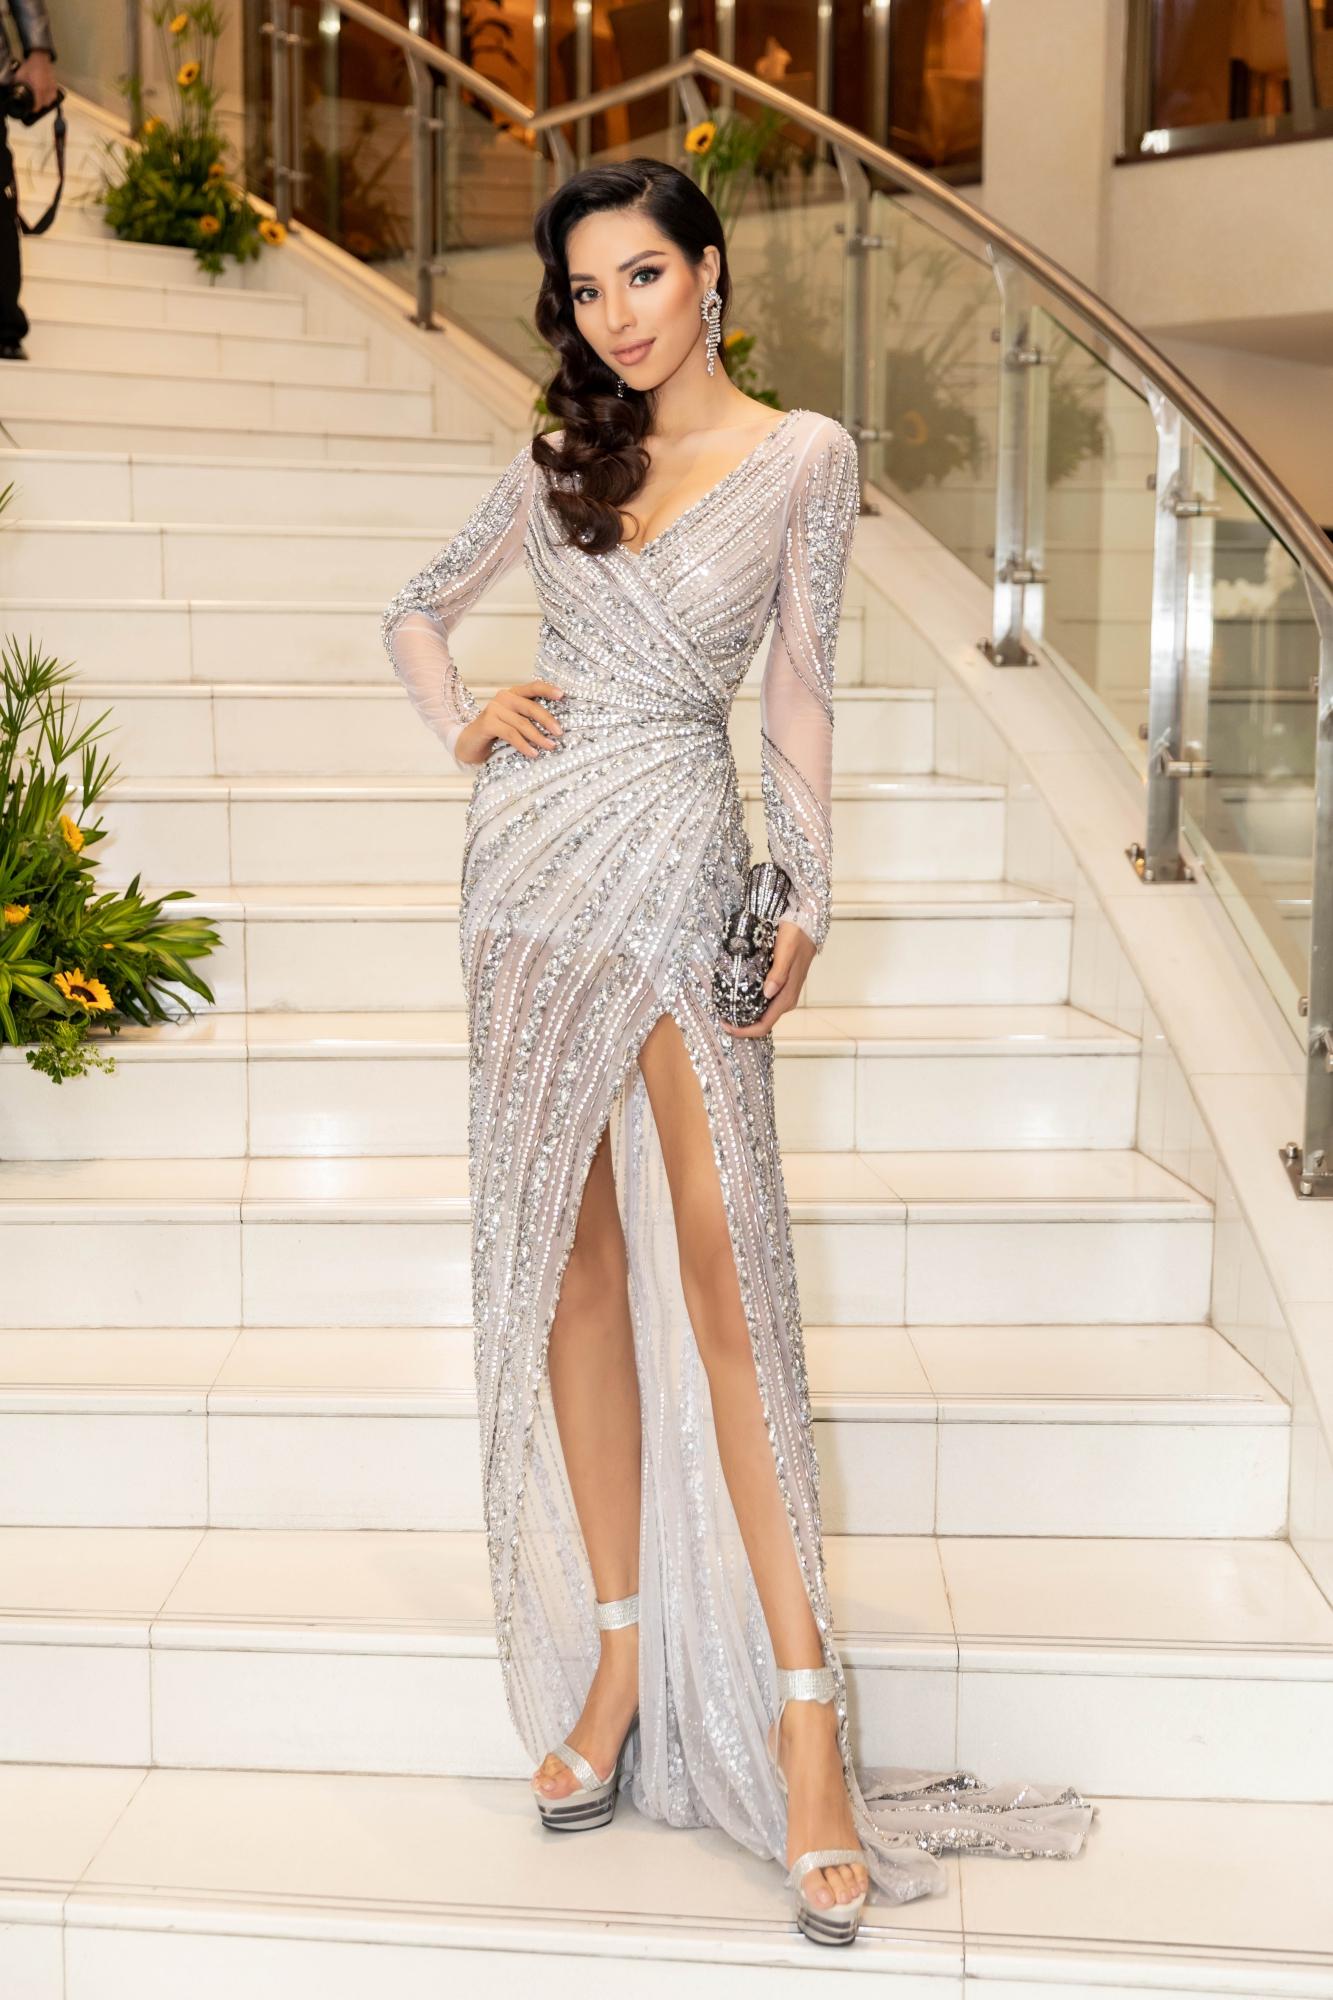 Tại sự kiện còn có giải vàng Siêu mẫu Việt Nam 2015 Dương Nguyễn Khả Trang. Cô diện thiết kế khoe đôi chân dài miên man.